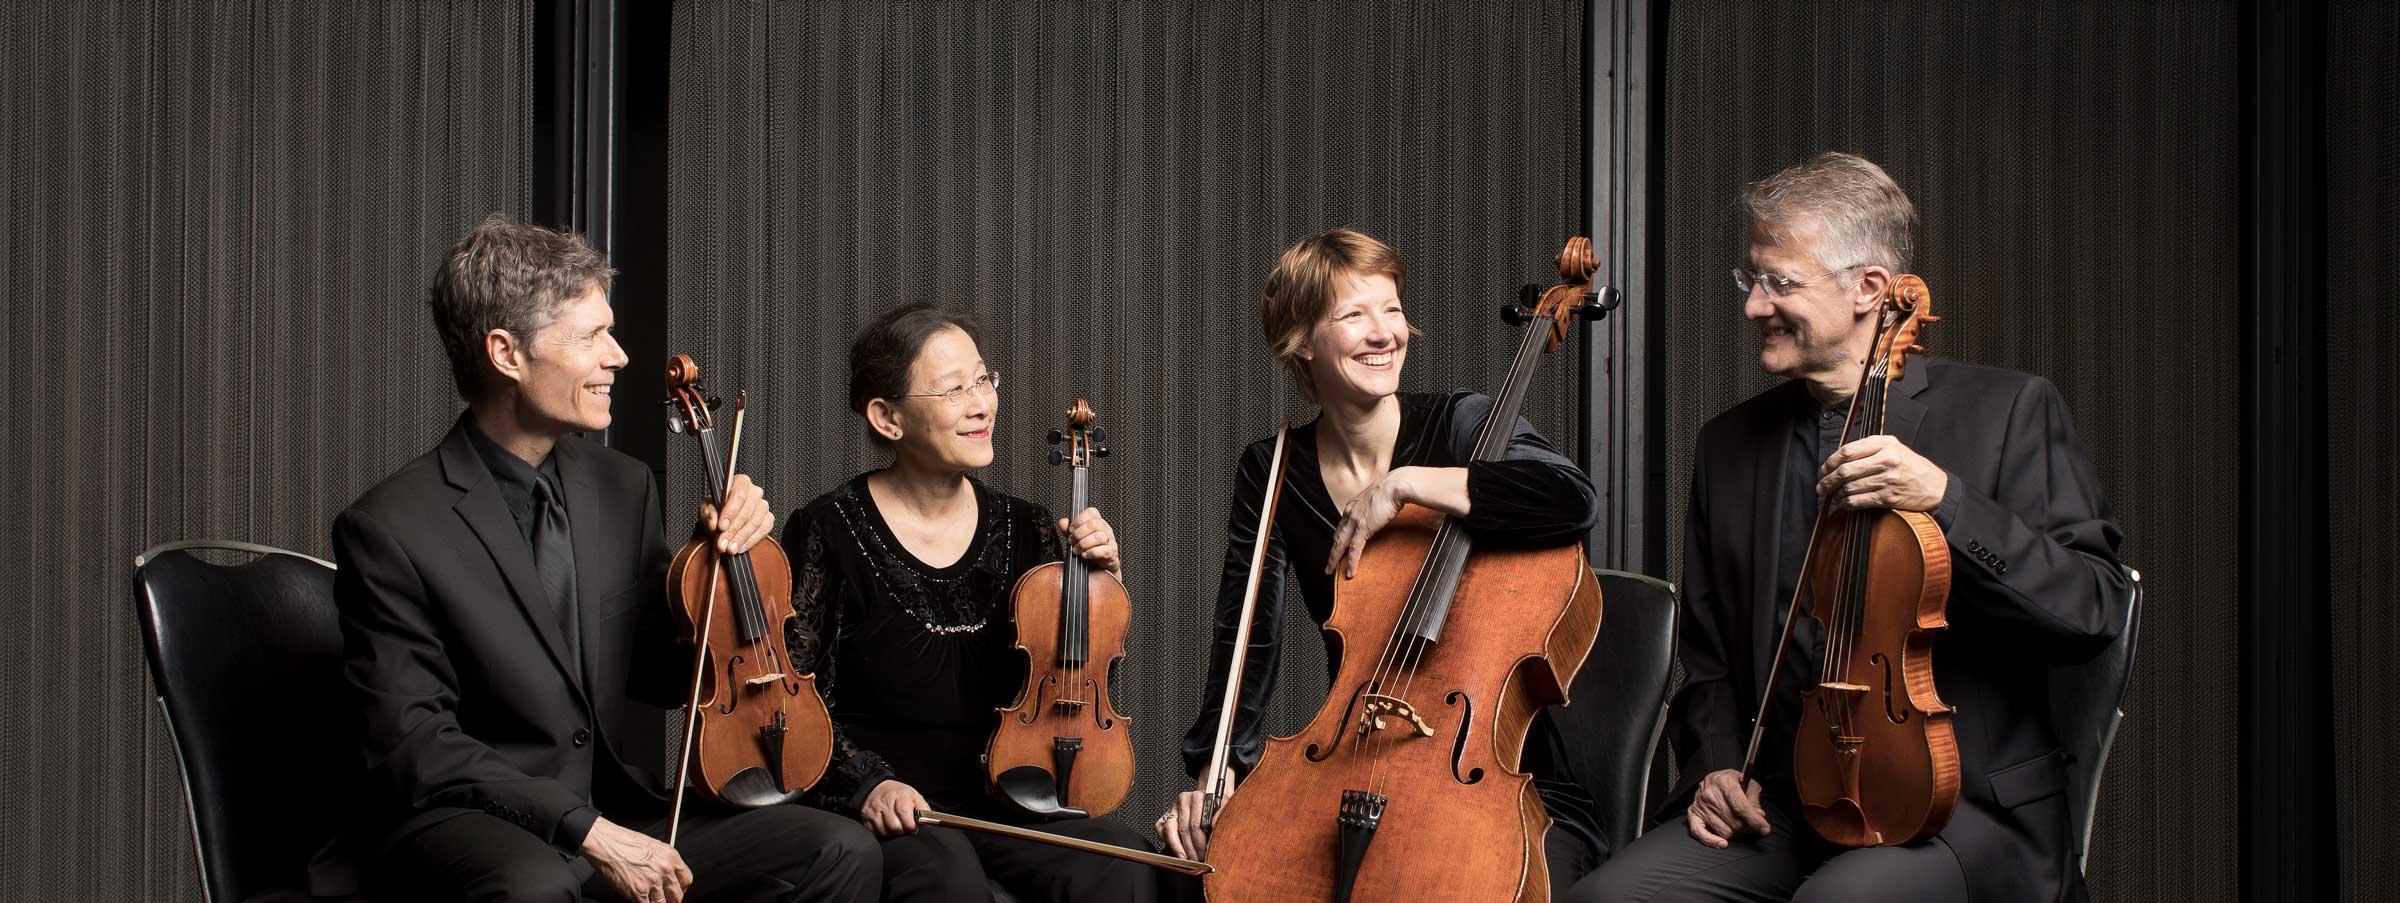 The Ciompi Quartet